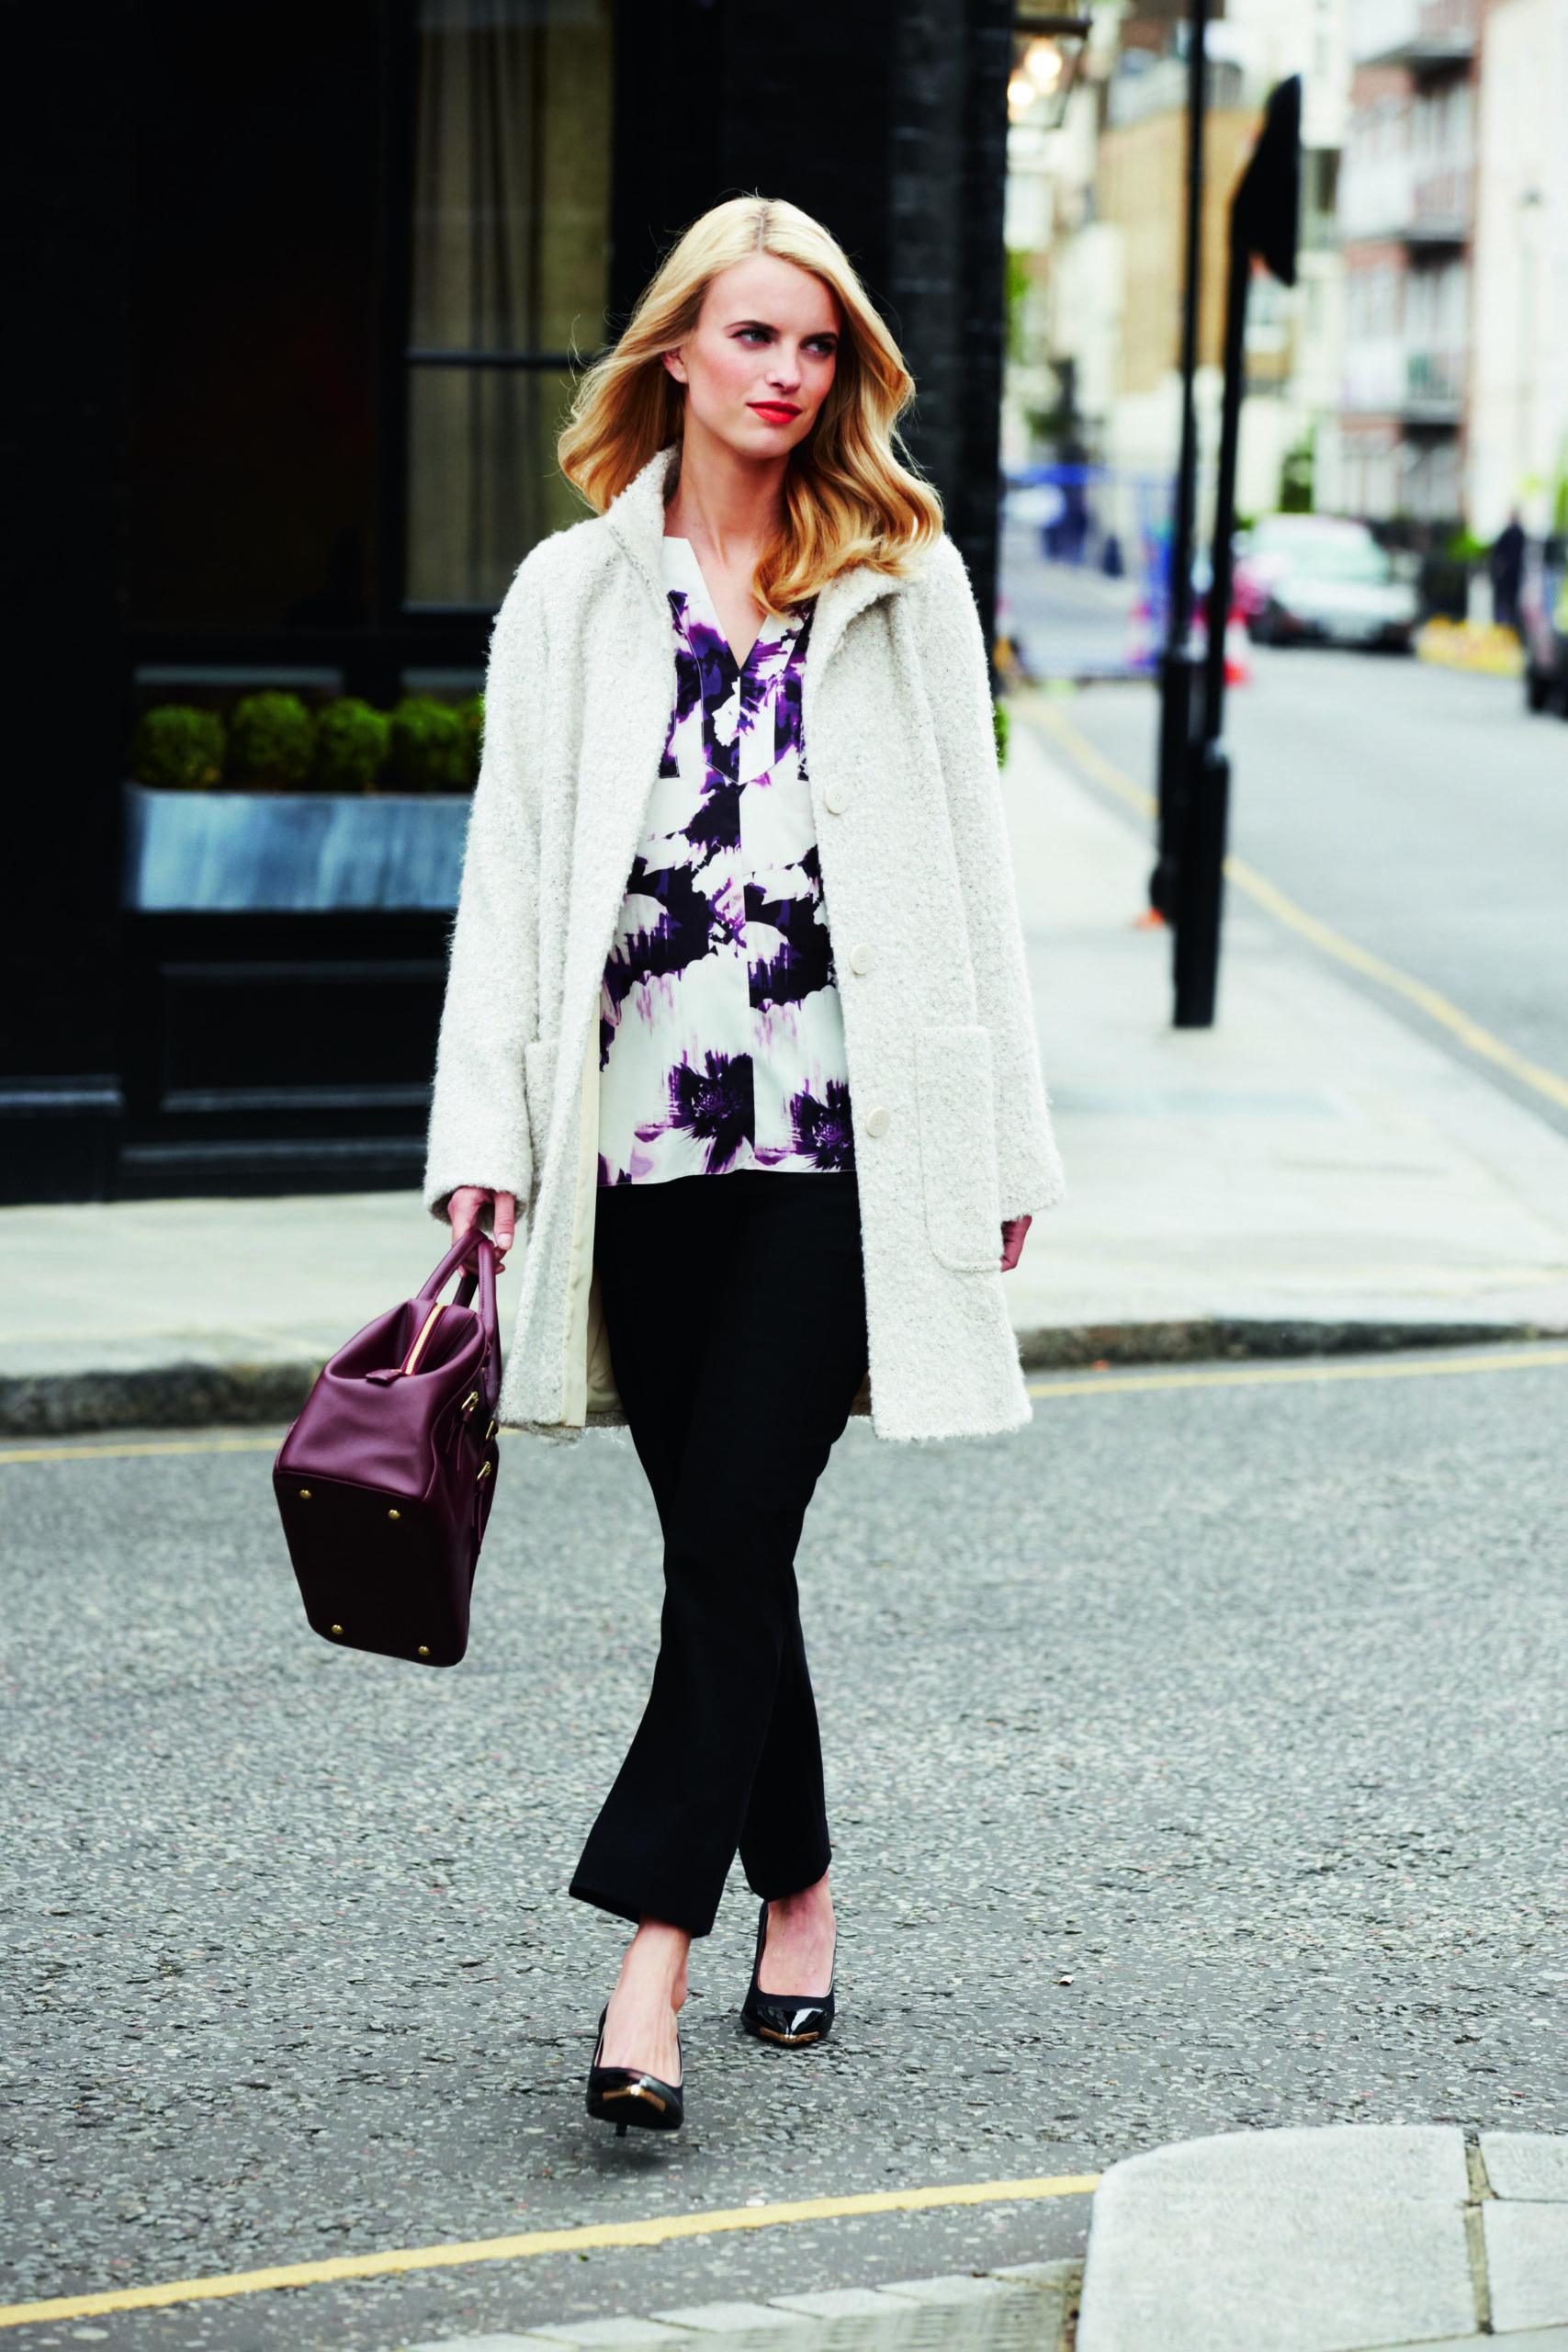 Winter Cream fashion trends